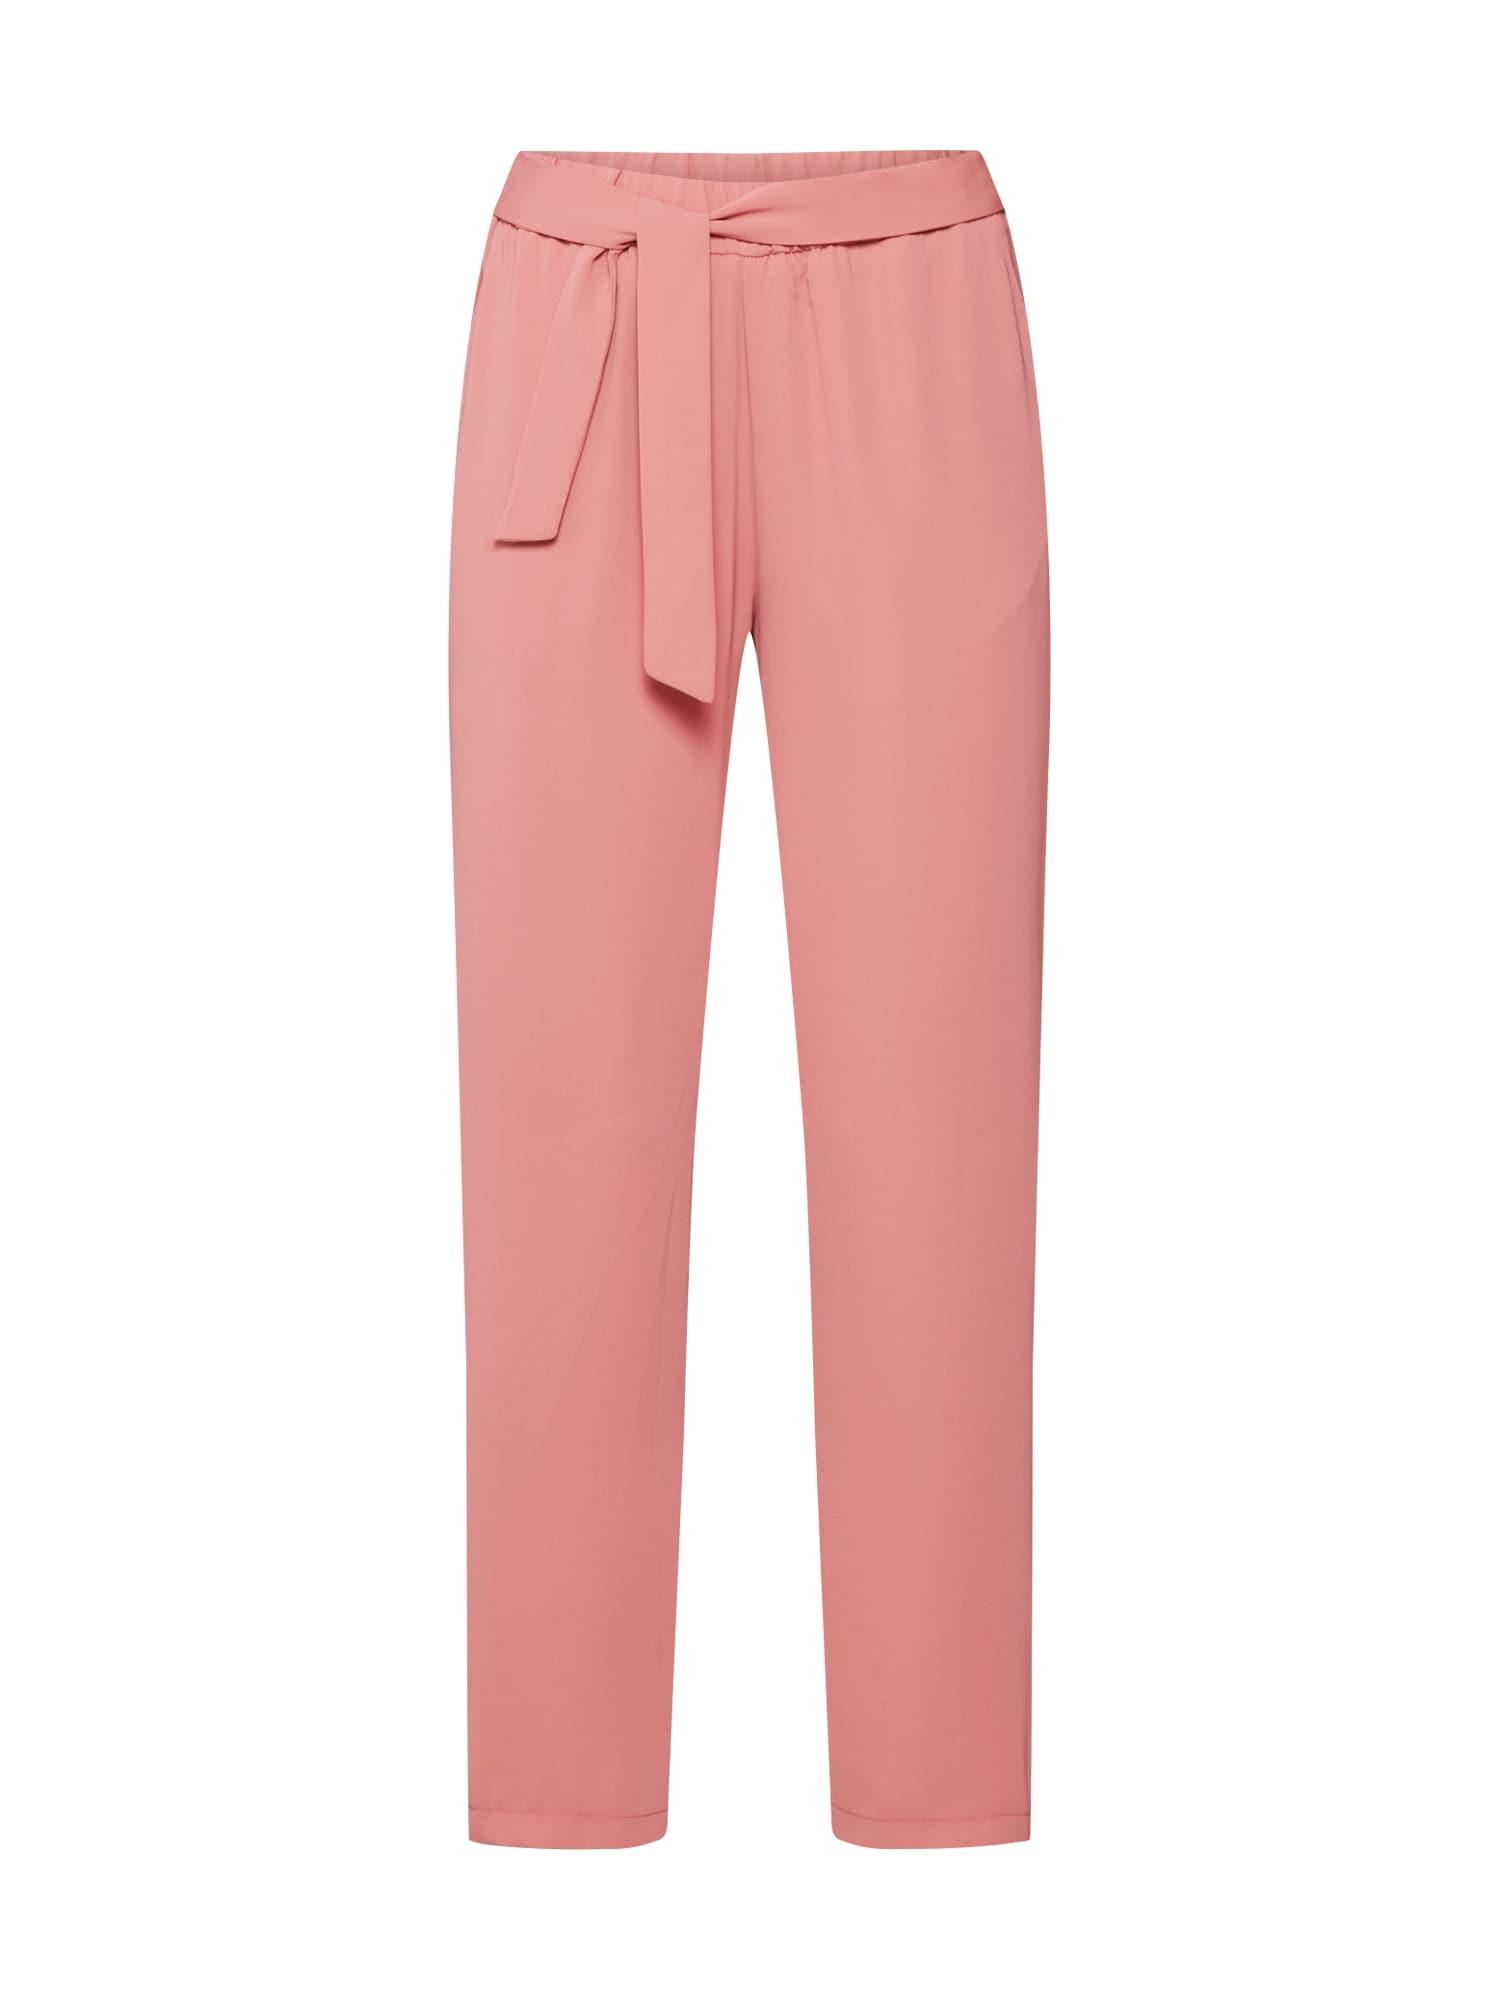 ABOUT YOU Kelnės 'Gotje' ryškiai rožinė spalva